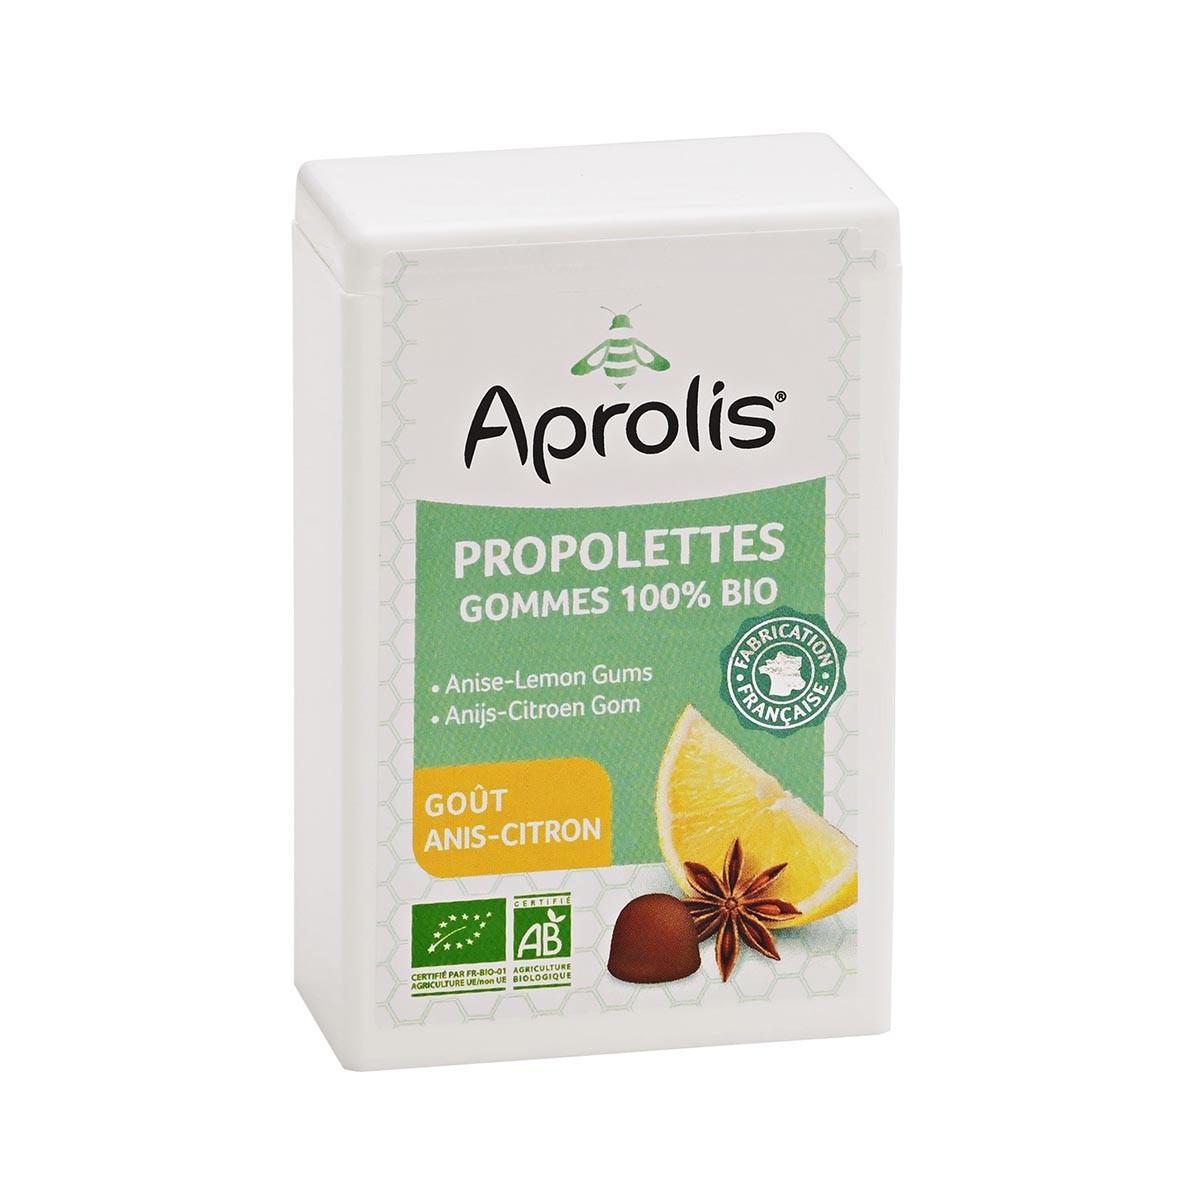 Aprolis - Propolettes Anis-Citron 50g Bio